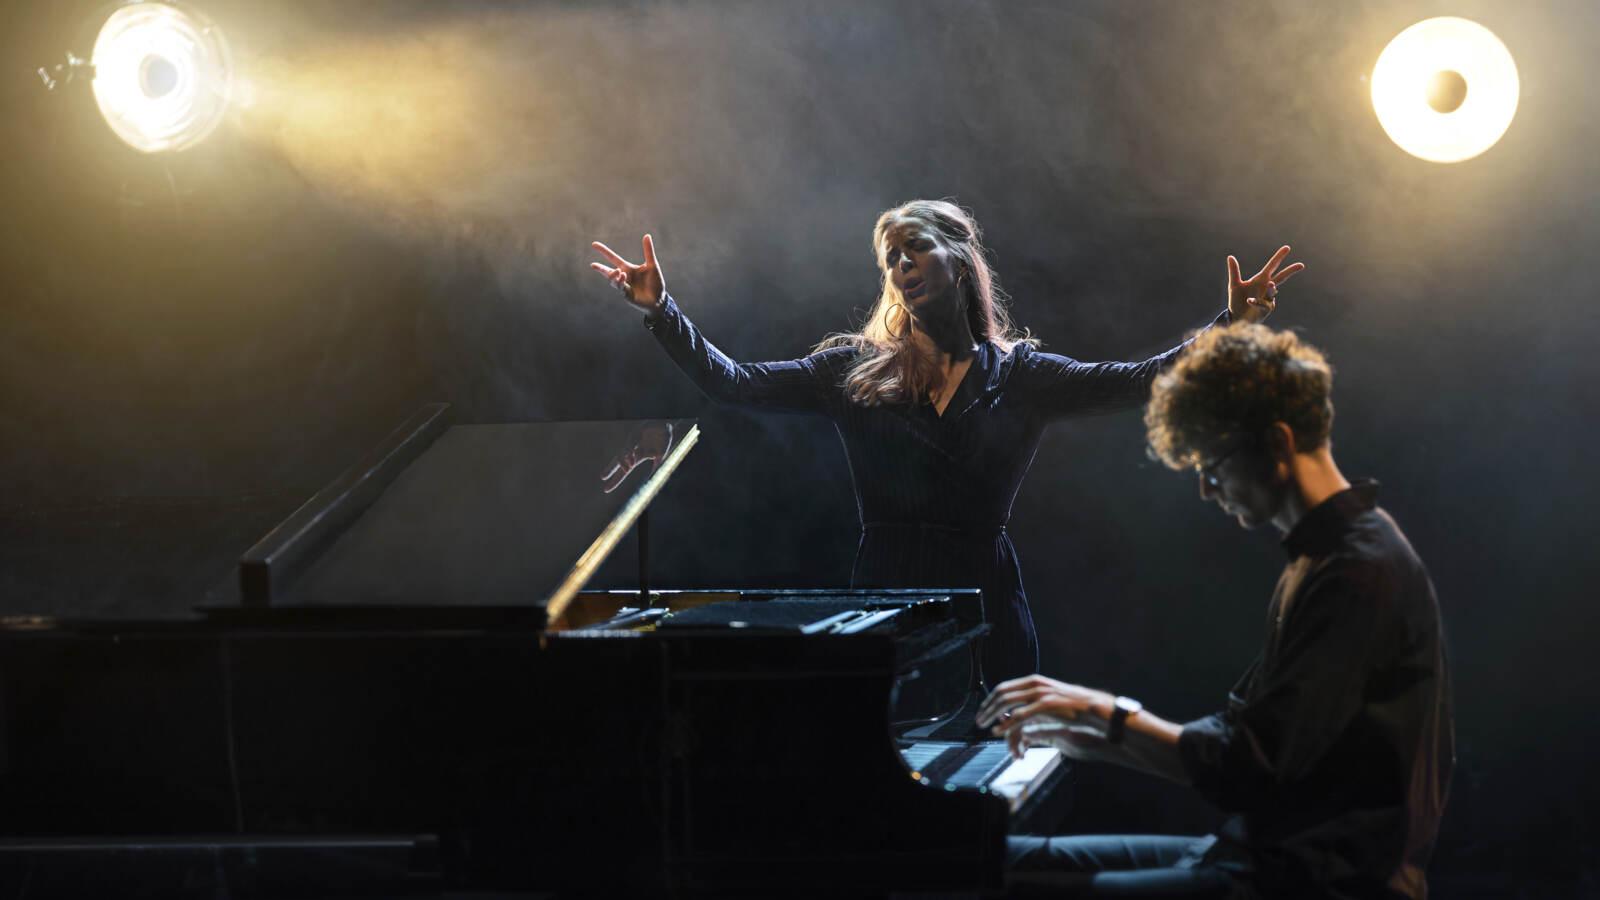 En sångare står mellan två spotlights i scenrök och en pianist sitter och spelar vid en flygel framför henne.